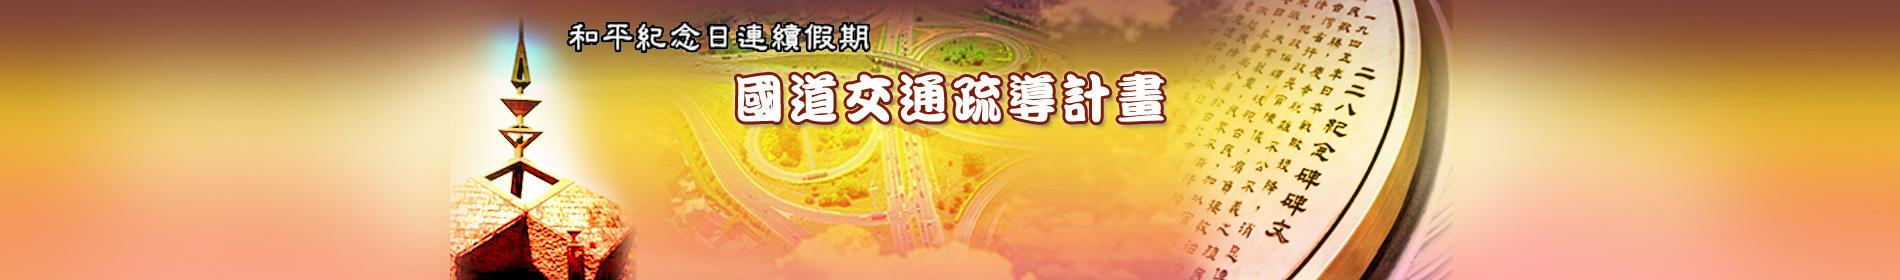 228和平紀念日連續假期國道交通疏導計畫(另開新視窗)